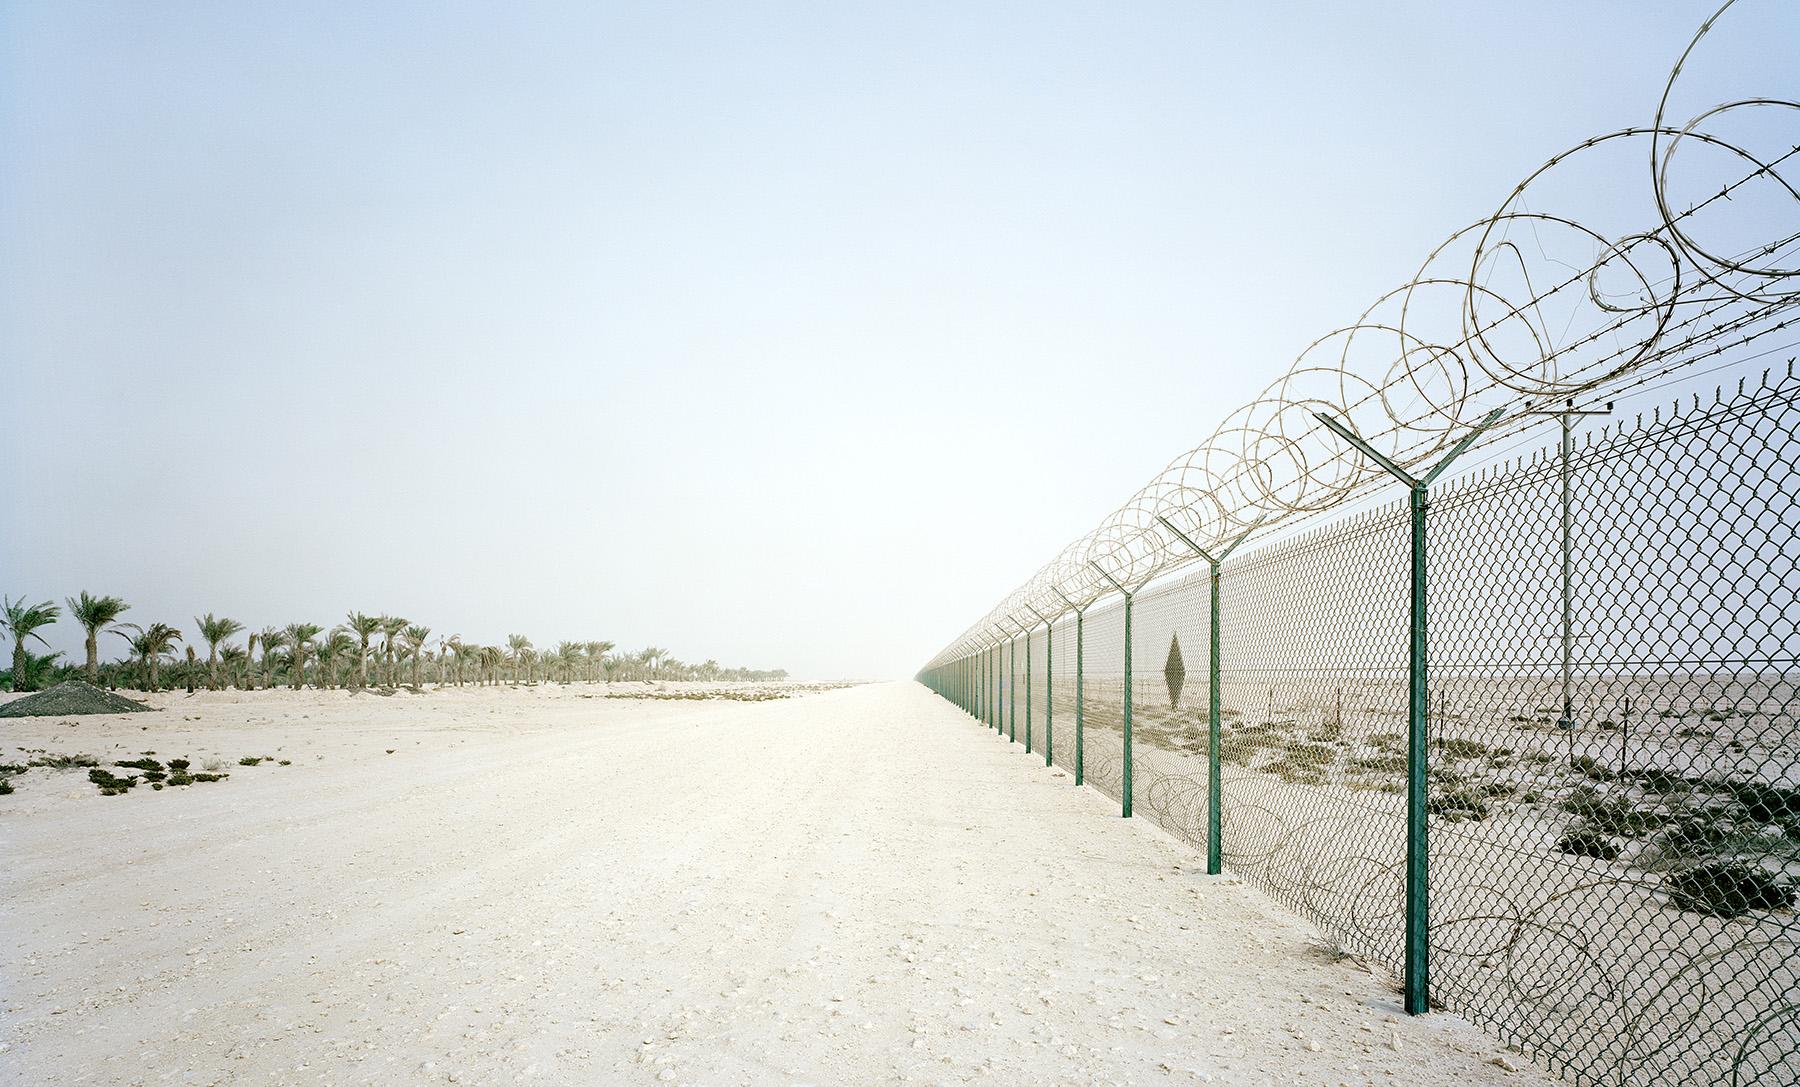 Fence, Ras Laffan, Qatar, 2010